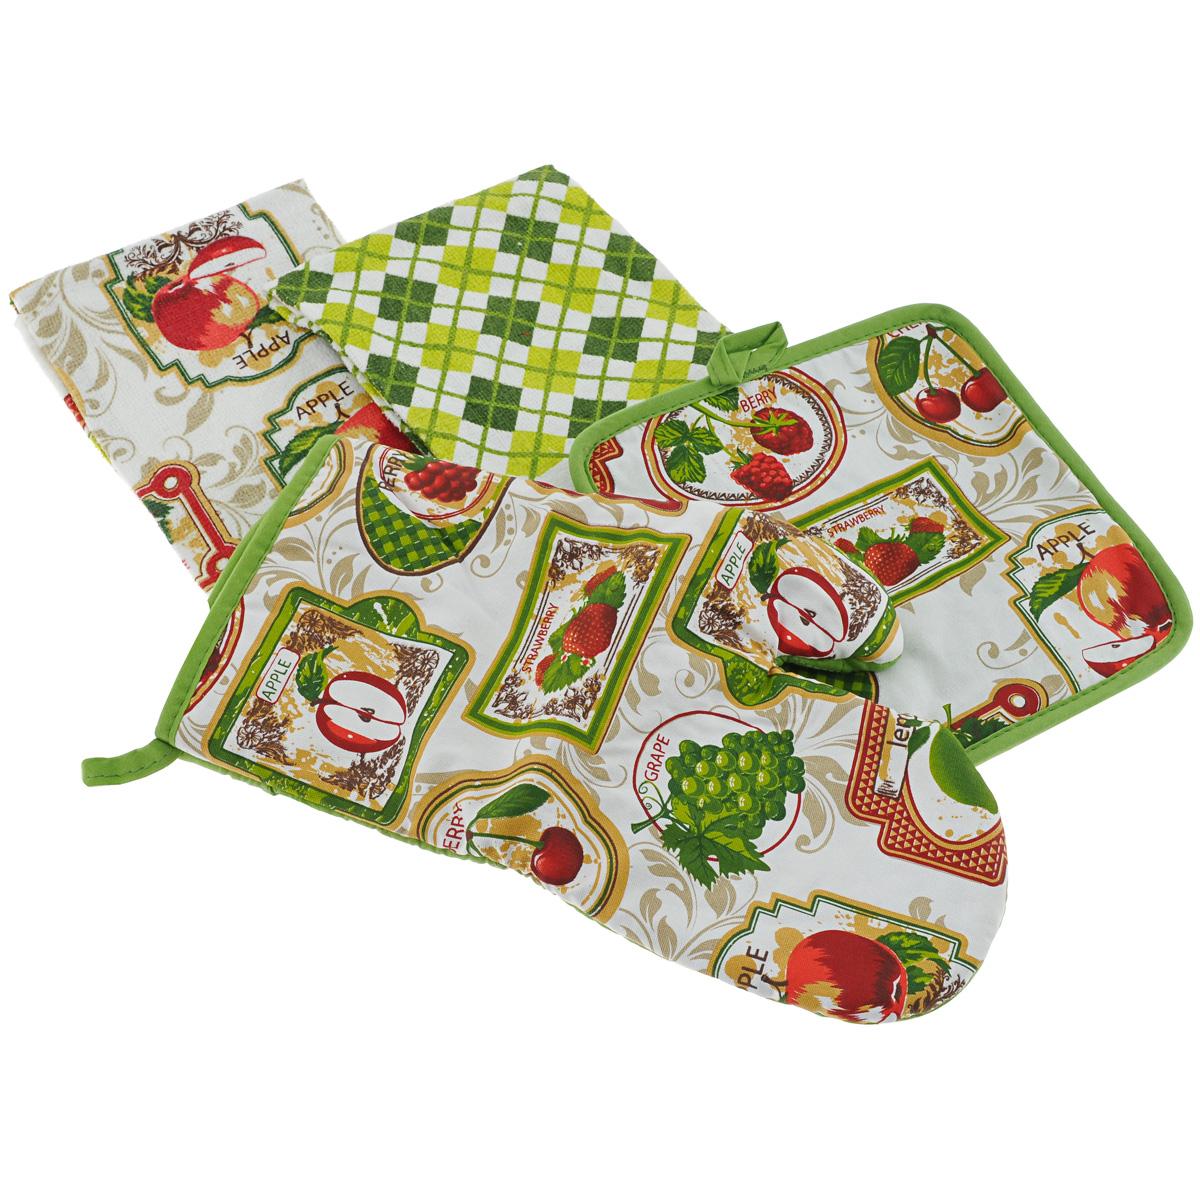 """Набор для кухни Primavelle """"Фрукты"""" состоит из квадратной прихватки, варежки-прихватки и двух кухонных полотенец. Предметы набора изготовлены из натурального хлопка и оформлены ярким изображением фруктов.Махровые полотенца подарят вам мягкость и необыкновенный комфорт в использовании. Они идеально впитывают влагу и сохраняют свою необычайную мягкость даже после многих стирок. Одно из полотенец оформлено принтом в клетку, а другое - изображением фруктов. Прихватки снабжены петелькой для удобного подвешивания на крючок, они защитят ваши руки от воздействия горячих температур и обеспечат комфорт во время приготовления пищи. Кроме того, комплект имеет яркий красочный дизайн, он украсит ваш интерьер и станет прекрасным подарком.Размер полотенец: 38 см х 64 см.Размер прихватки: 20 см х 20 см.Размер варежки-прихватки: 18 см х 33 см."""